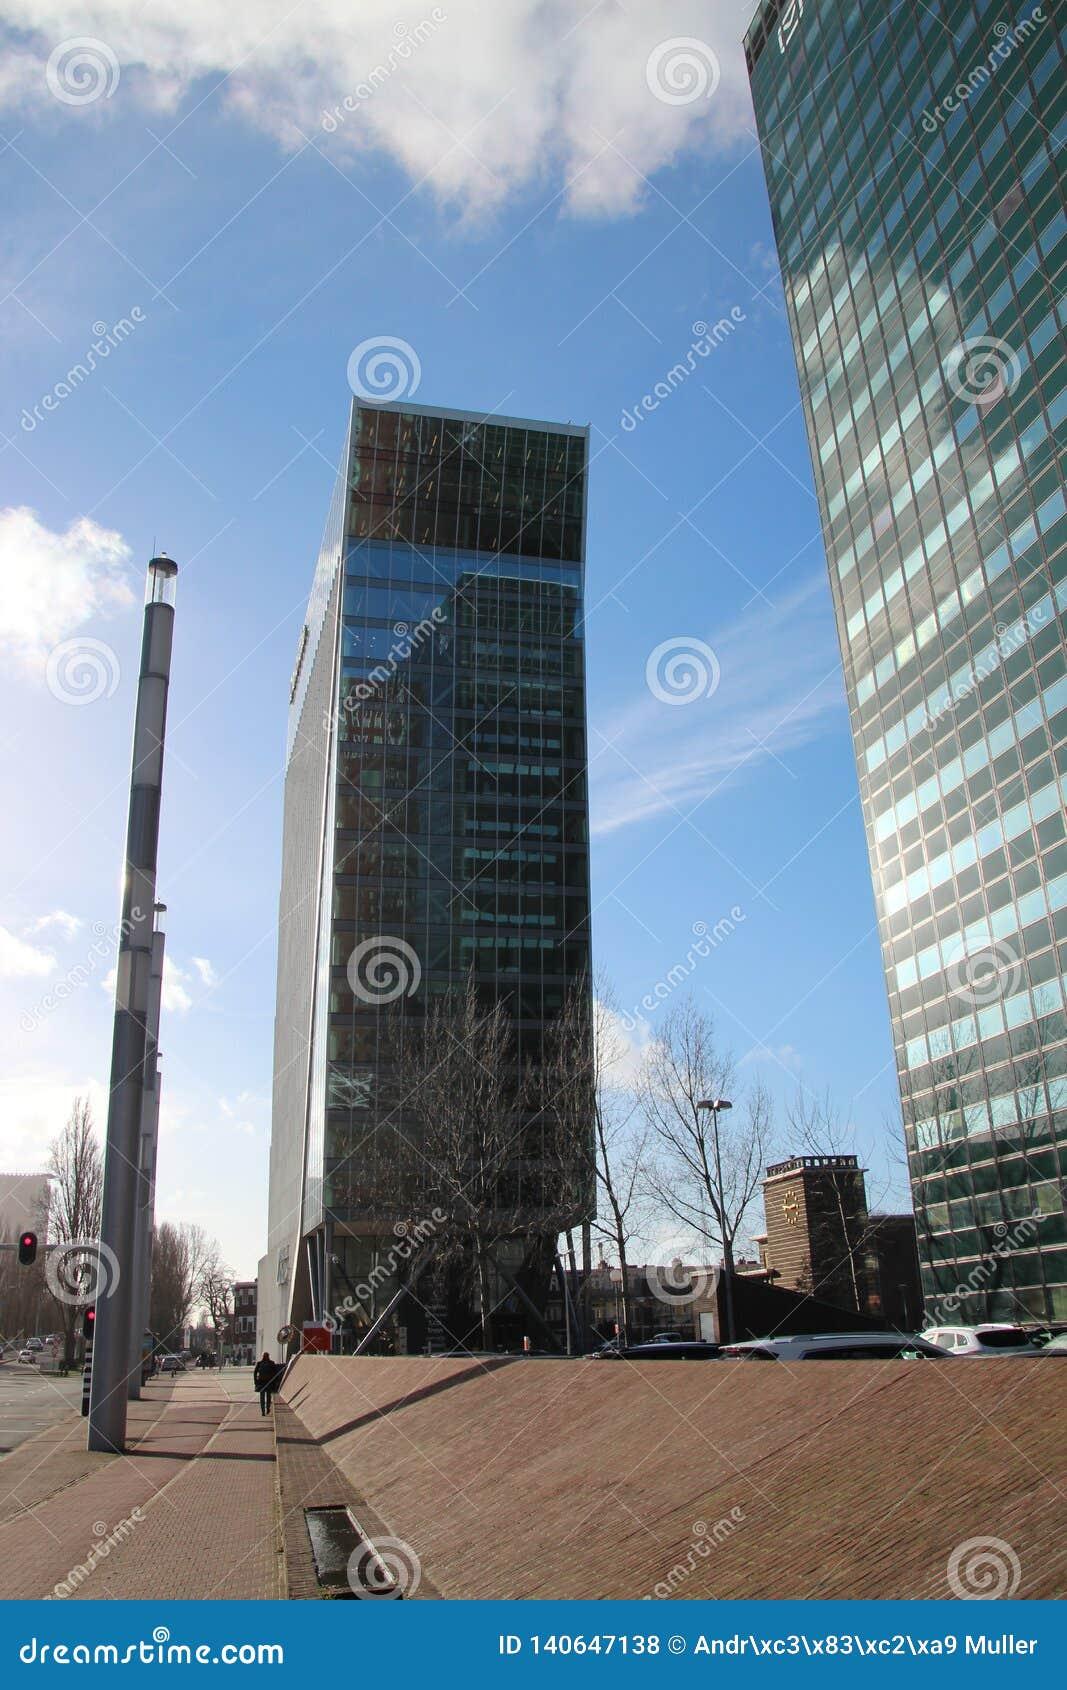 Budynek biurowy wymieniał łabędź Hague przy beatrixkwartier w melinie Haag holandie